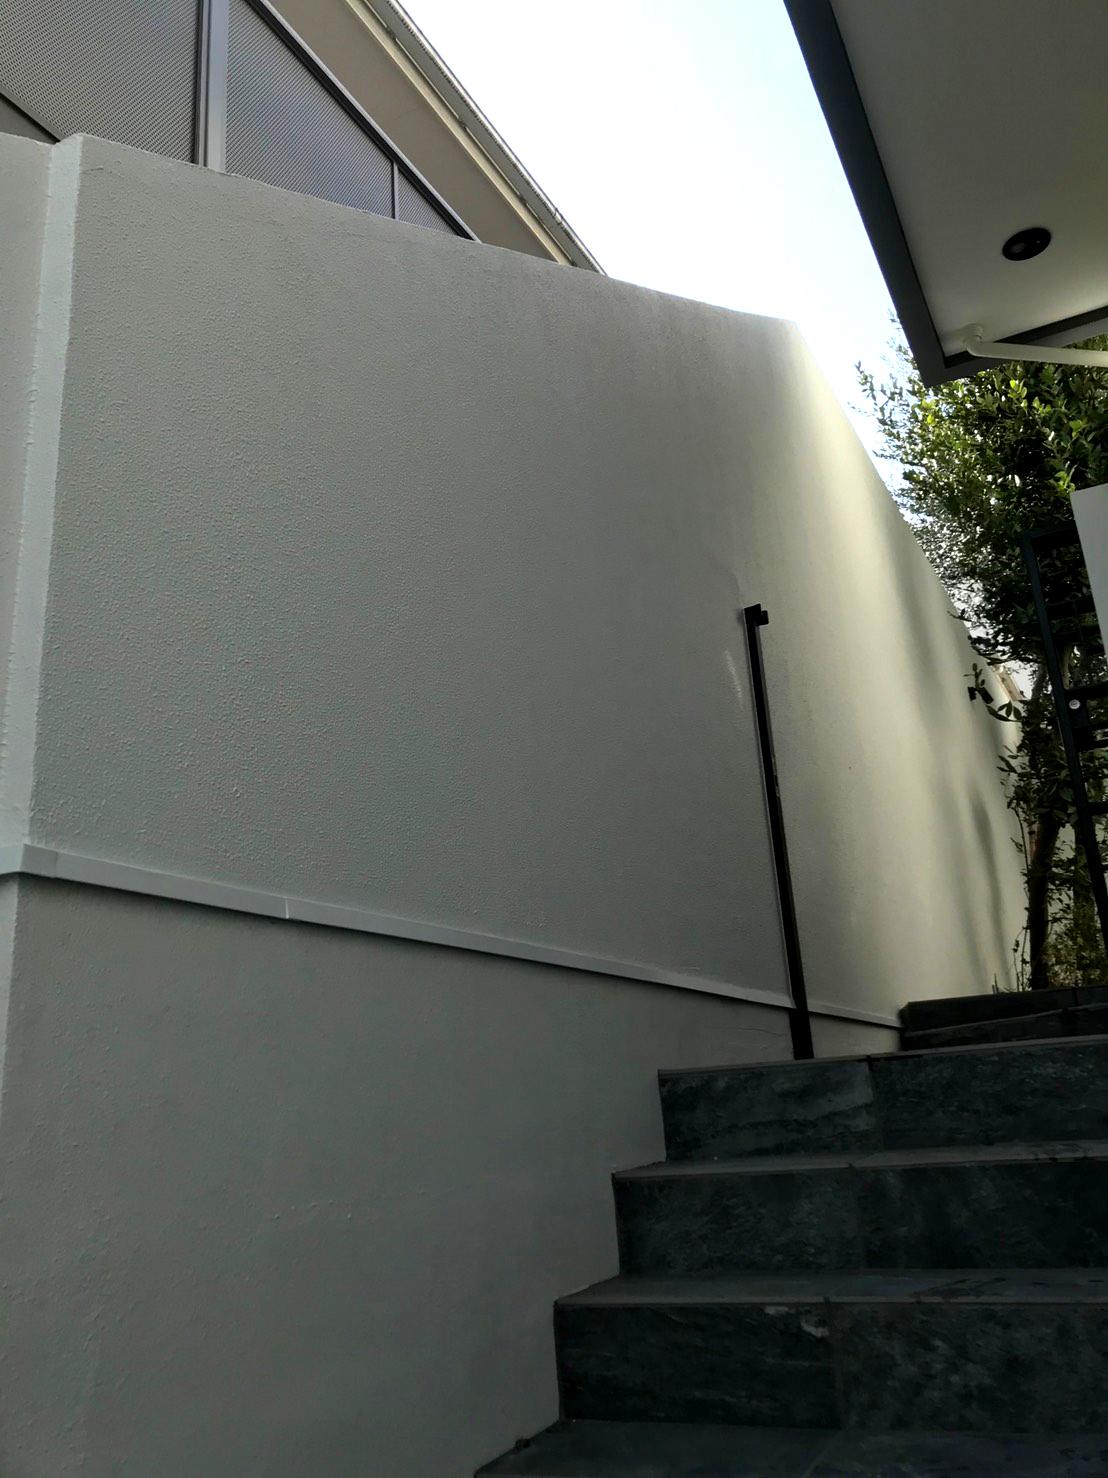 神奈川県 アートフリーダム株式会社 グランドアートウォール施工イメージ2518_04